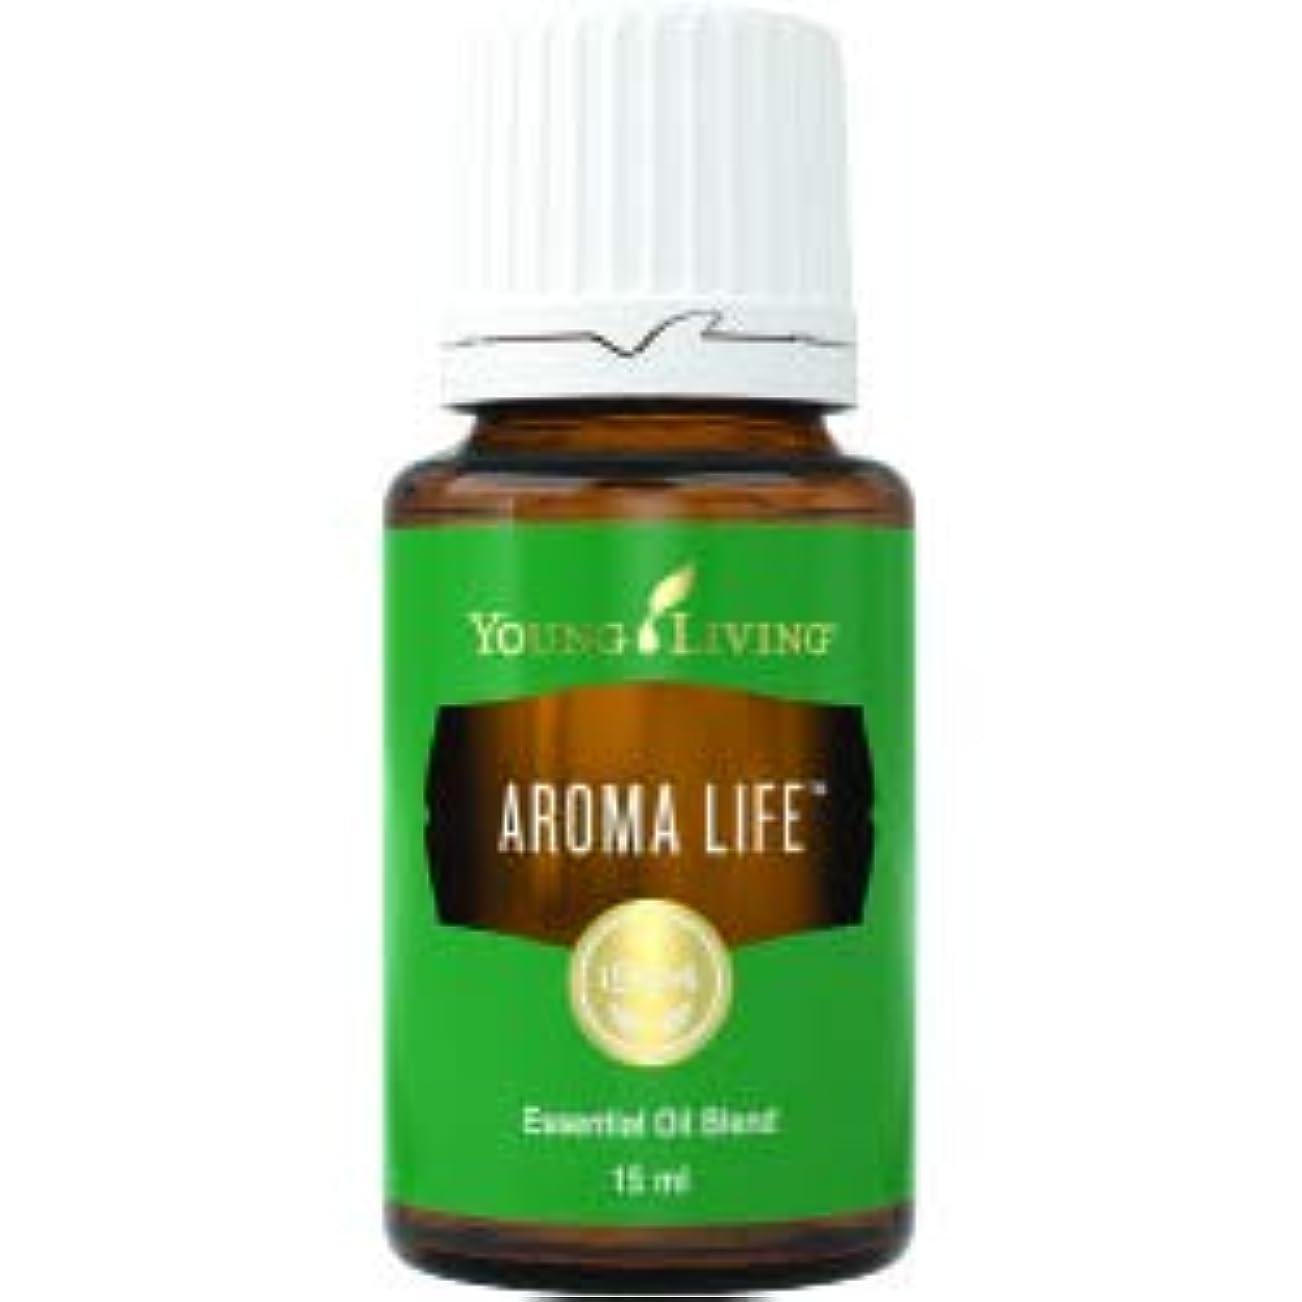 メイエラ研磨剤ハイブリッドアロマライフ?は、イランイランの調和効果と既知の大手サイプレス、ヘリクリサム、マジョラムを組み合わせたものです。オイルブレンドはあなたの生命力を活性化し、リラックスをもたらします Aroma Life Essential Oil 15ml by Young Living Essential Oil Malaysia